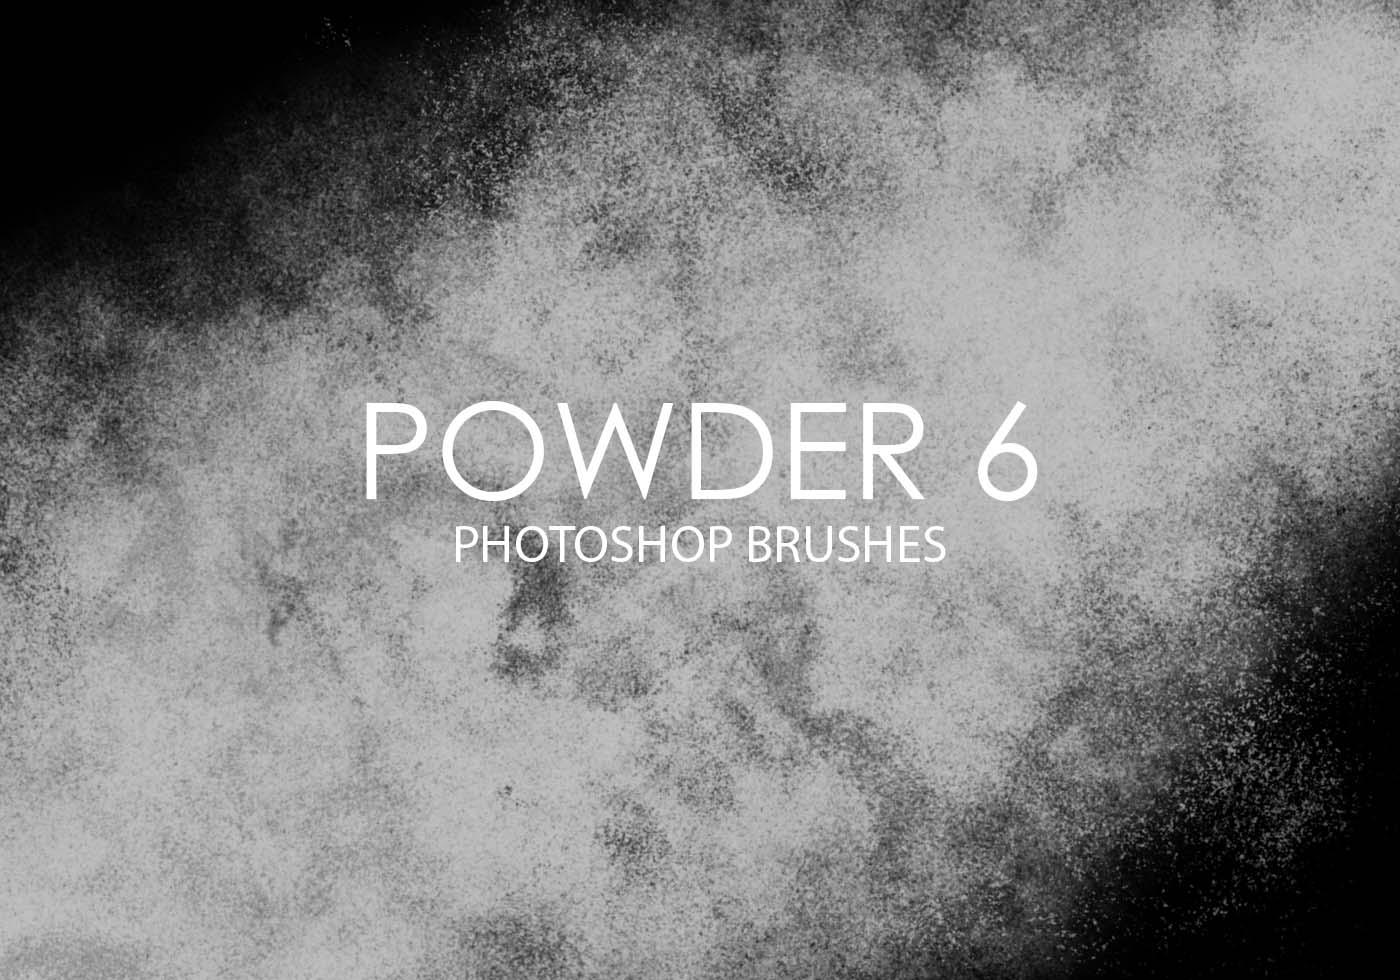 Free Powder Photoshop Brushes 6 Free Photoshop Brushes